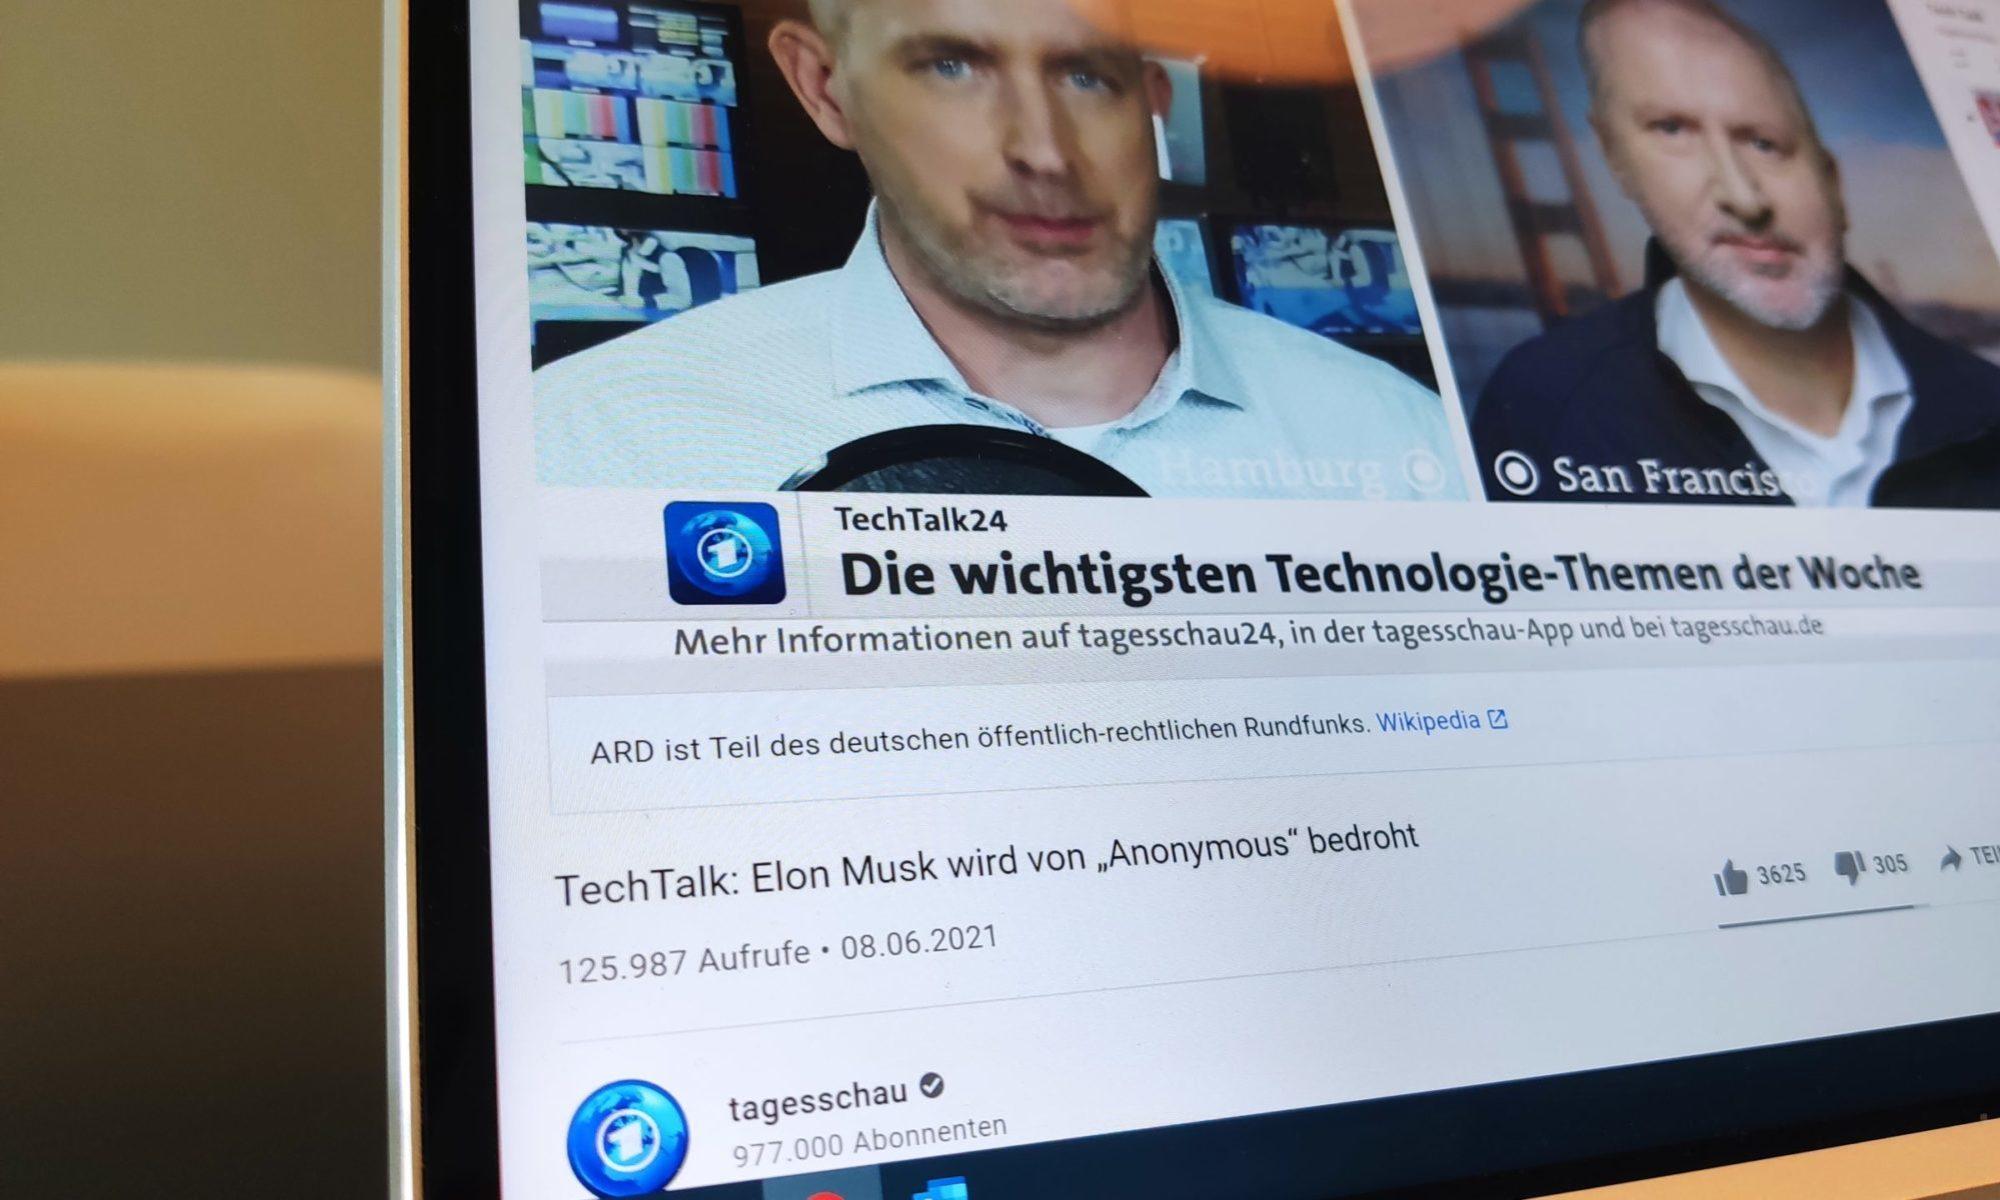 TechTalk24